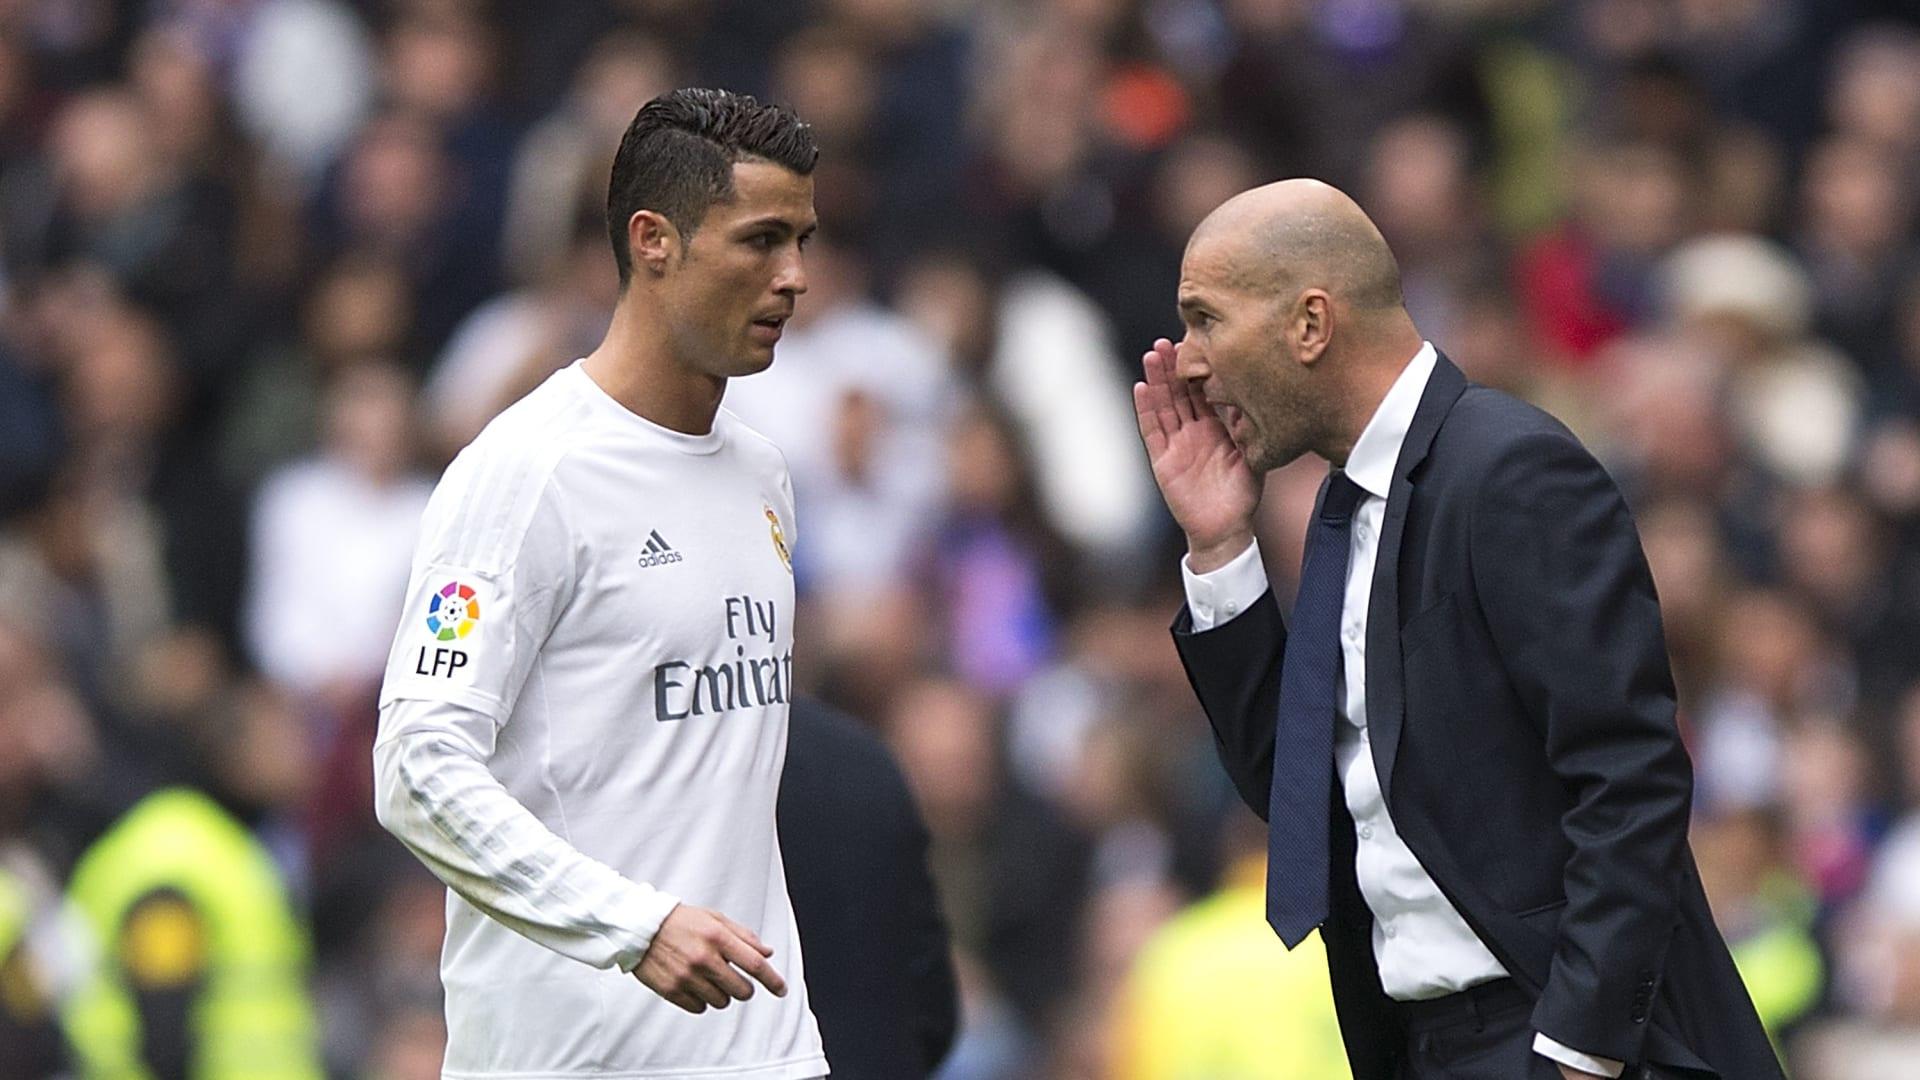 """عودة """"الصاروخ"""".. زيدان يفجر مفاجأة بشأن انتقال كريستيانو رونالدو إلى ريال مدريد وبنزيما: لست المدرب أو الرئيس"""